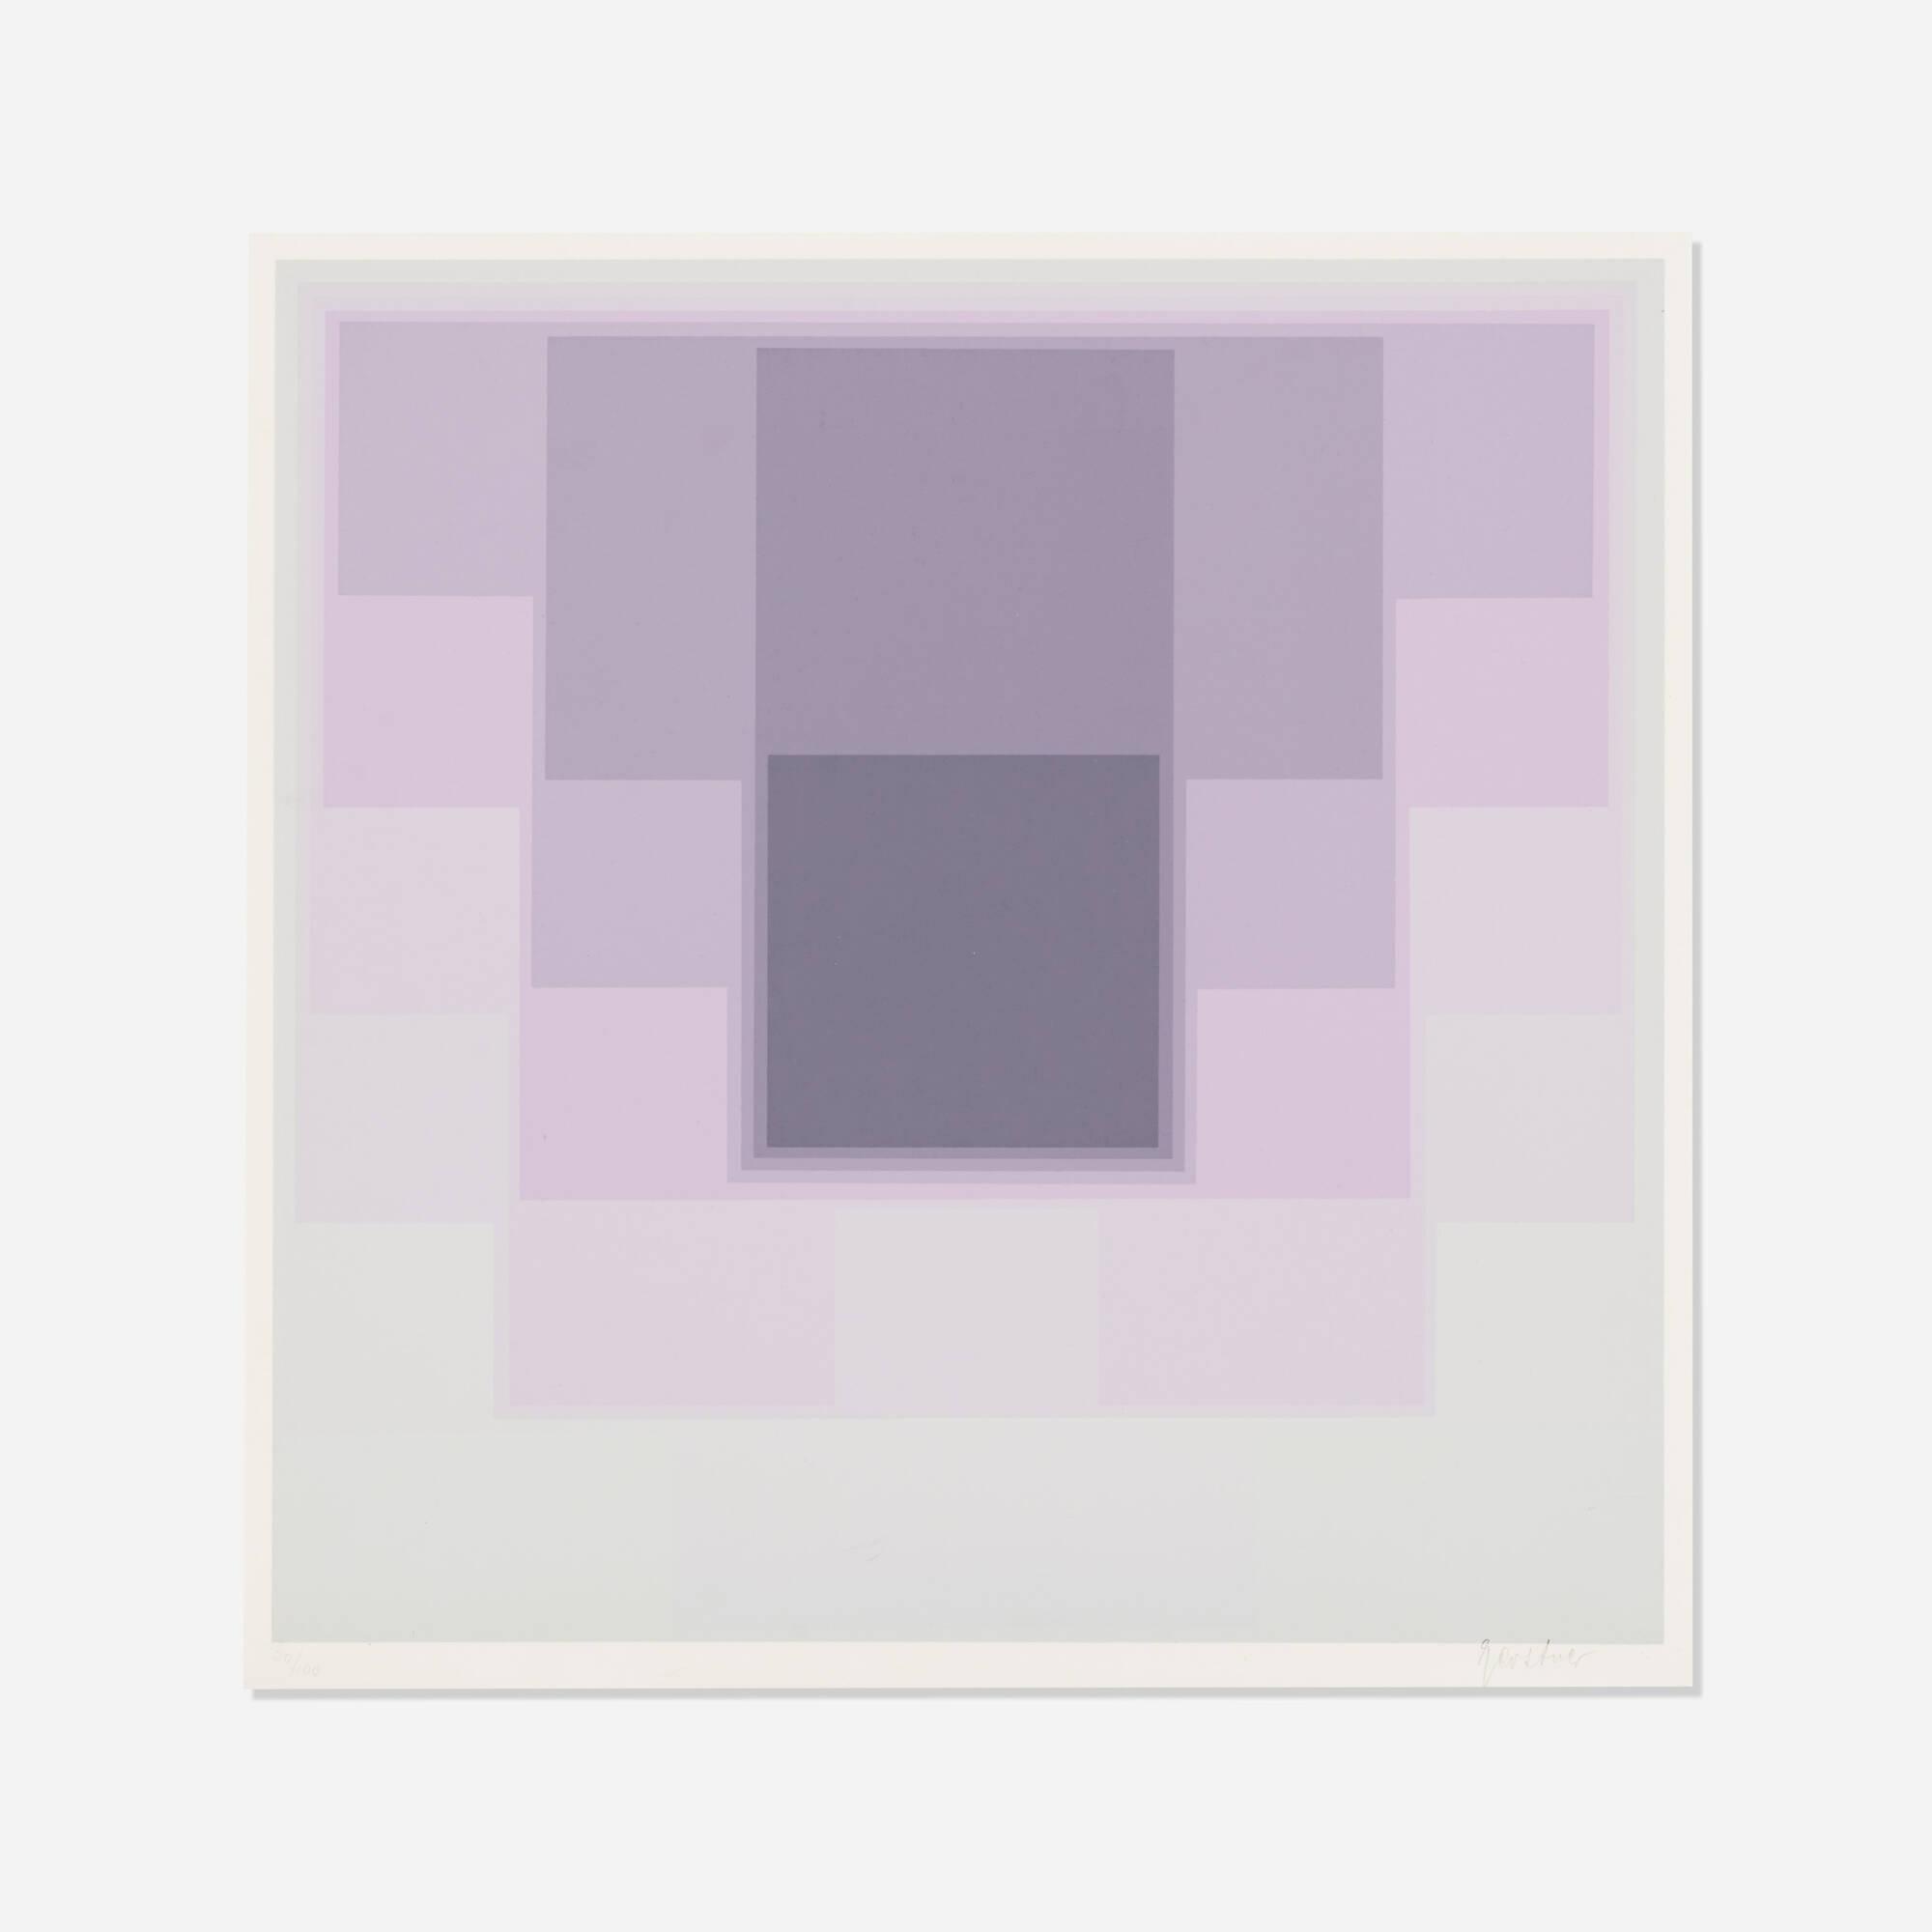 124: Karl Gerstner / Untitled (from the Color Levels portfolio) (1 of 1)